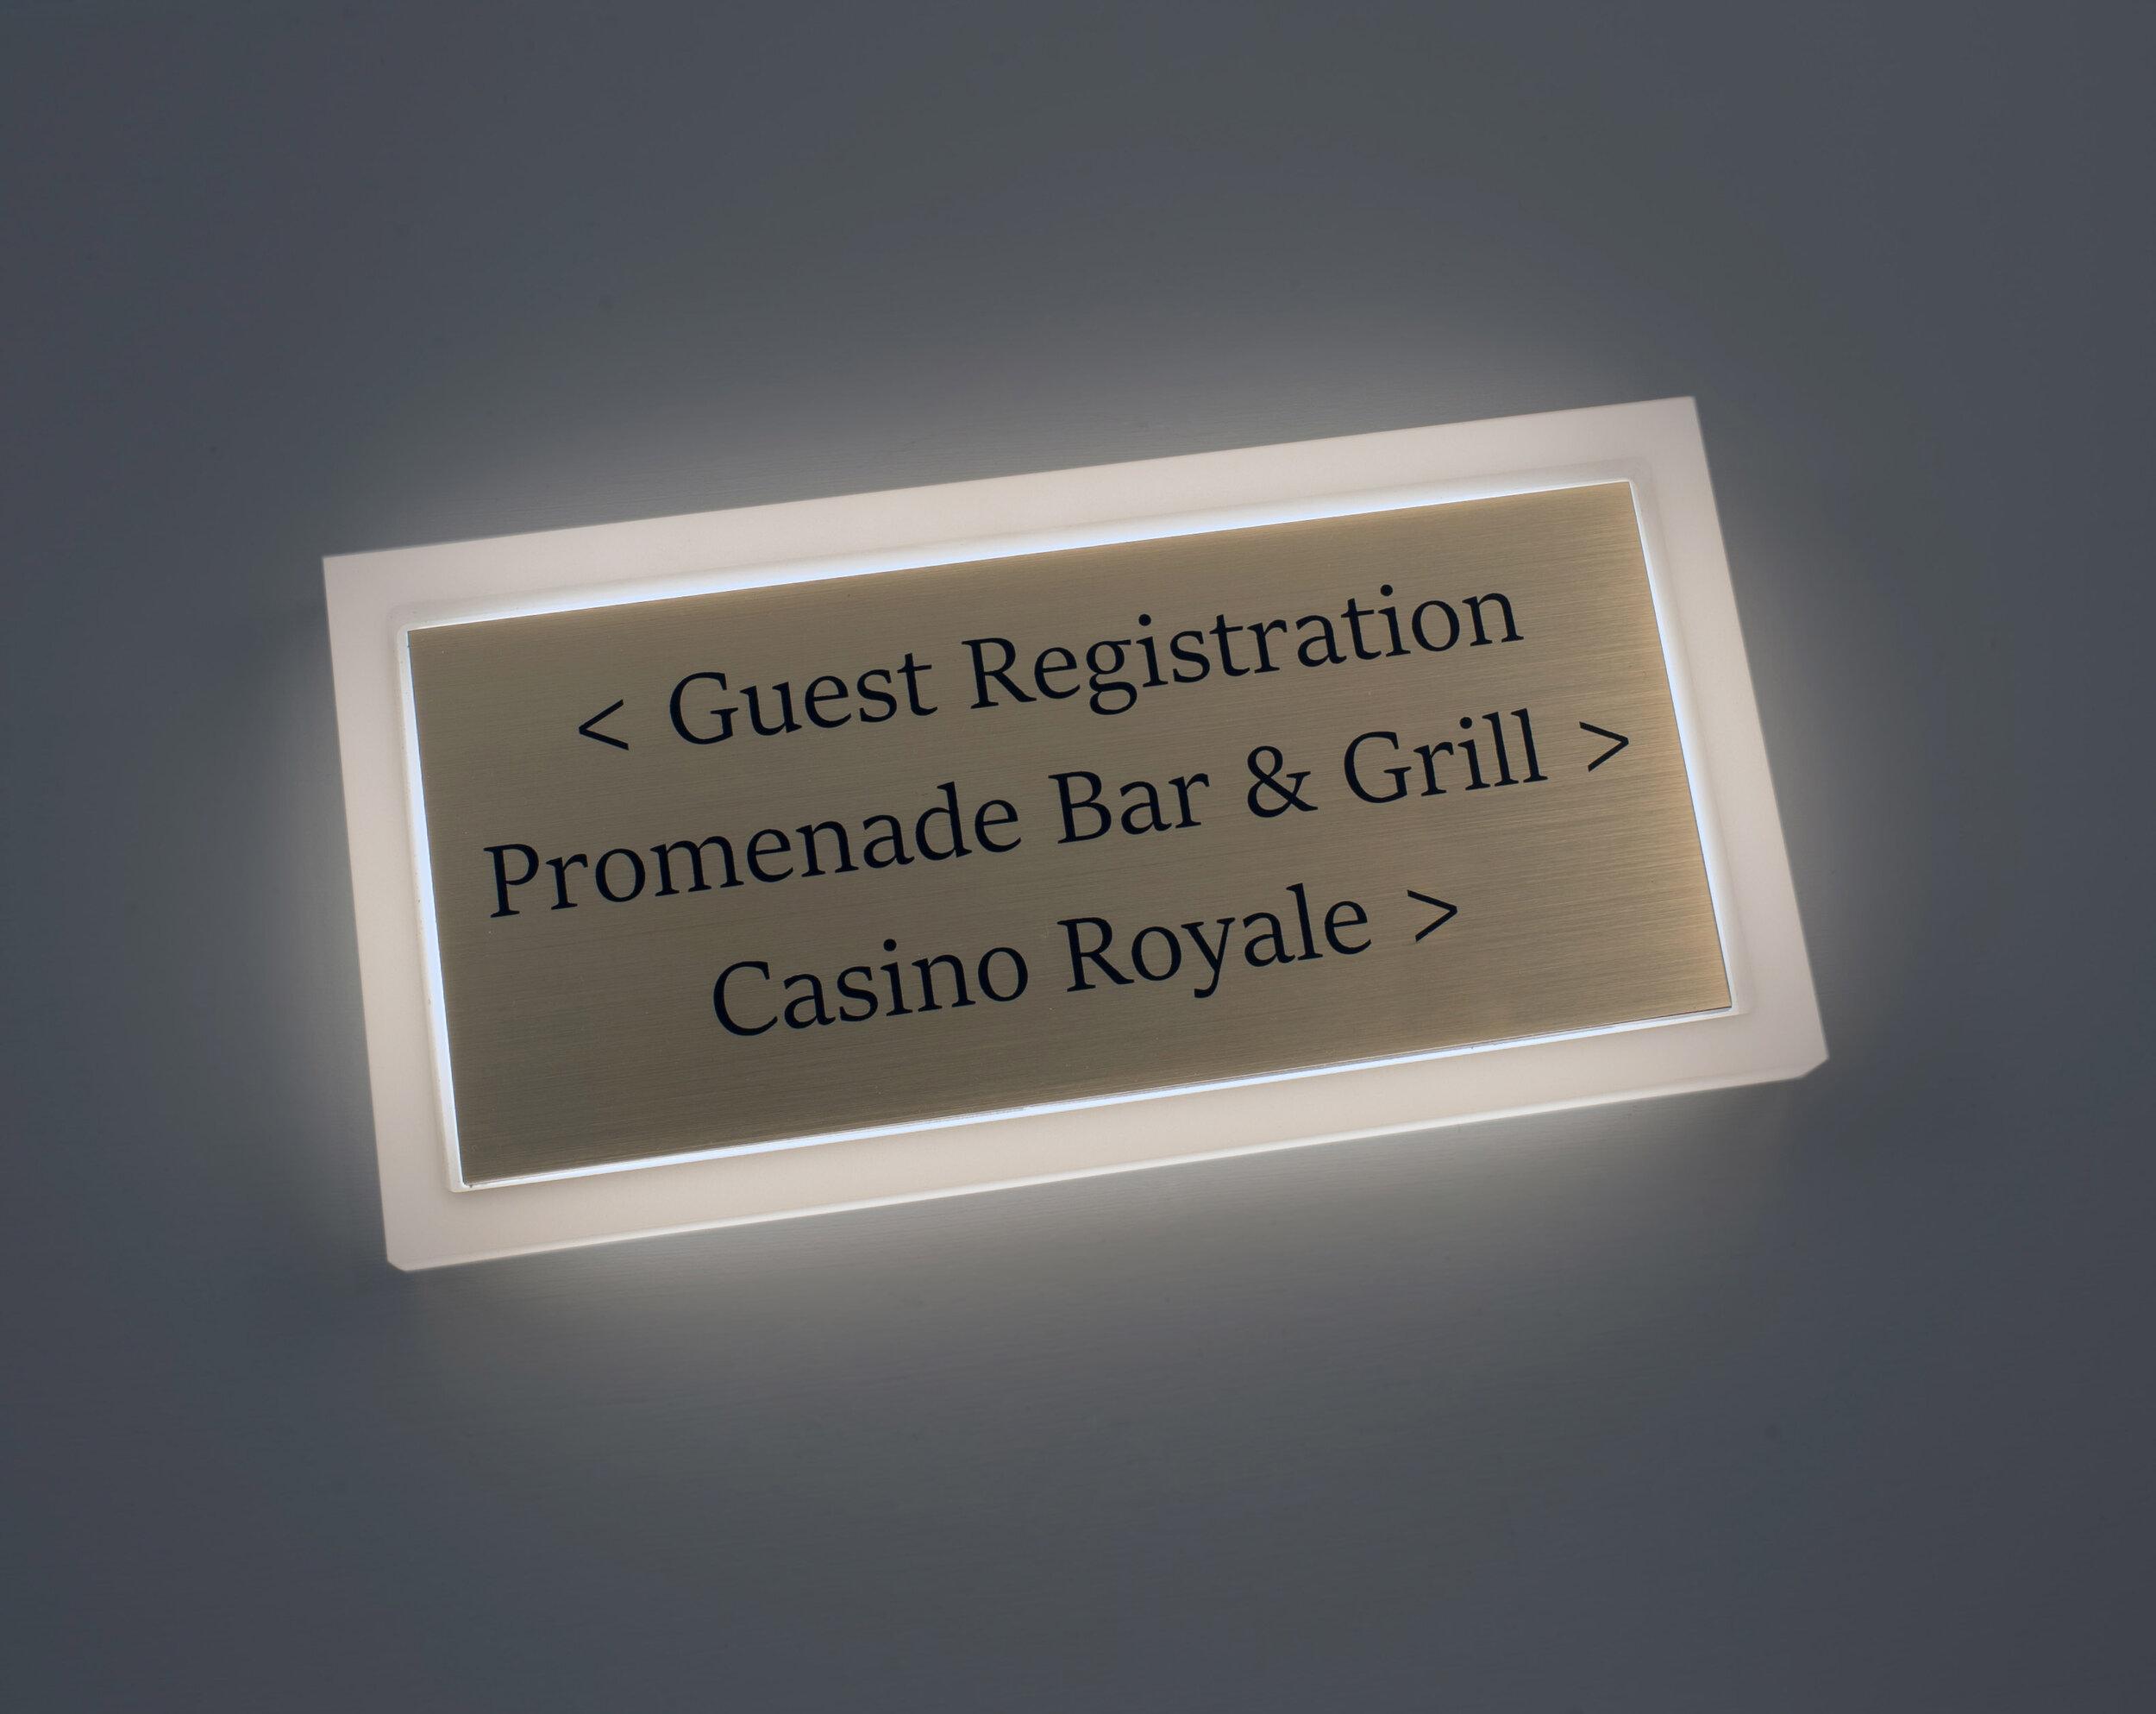 guest registration sign light engine.jpg